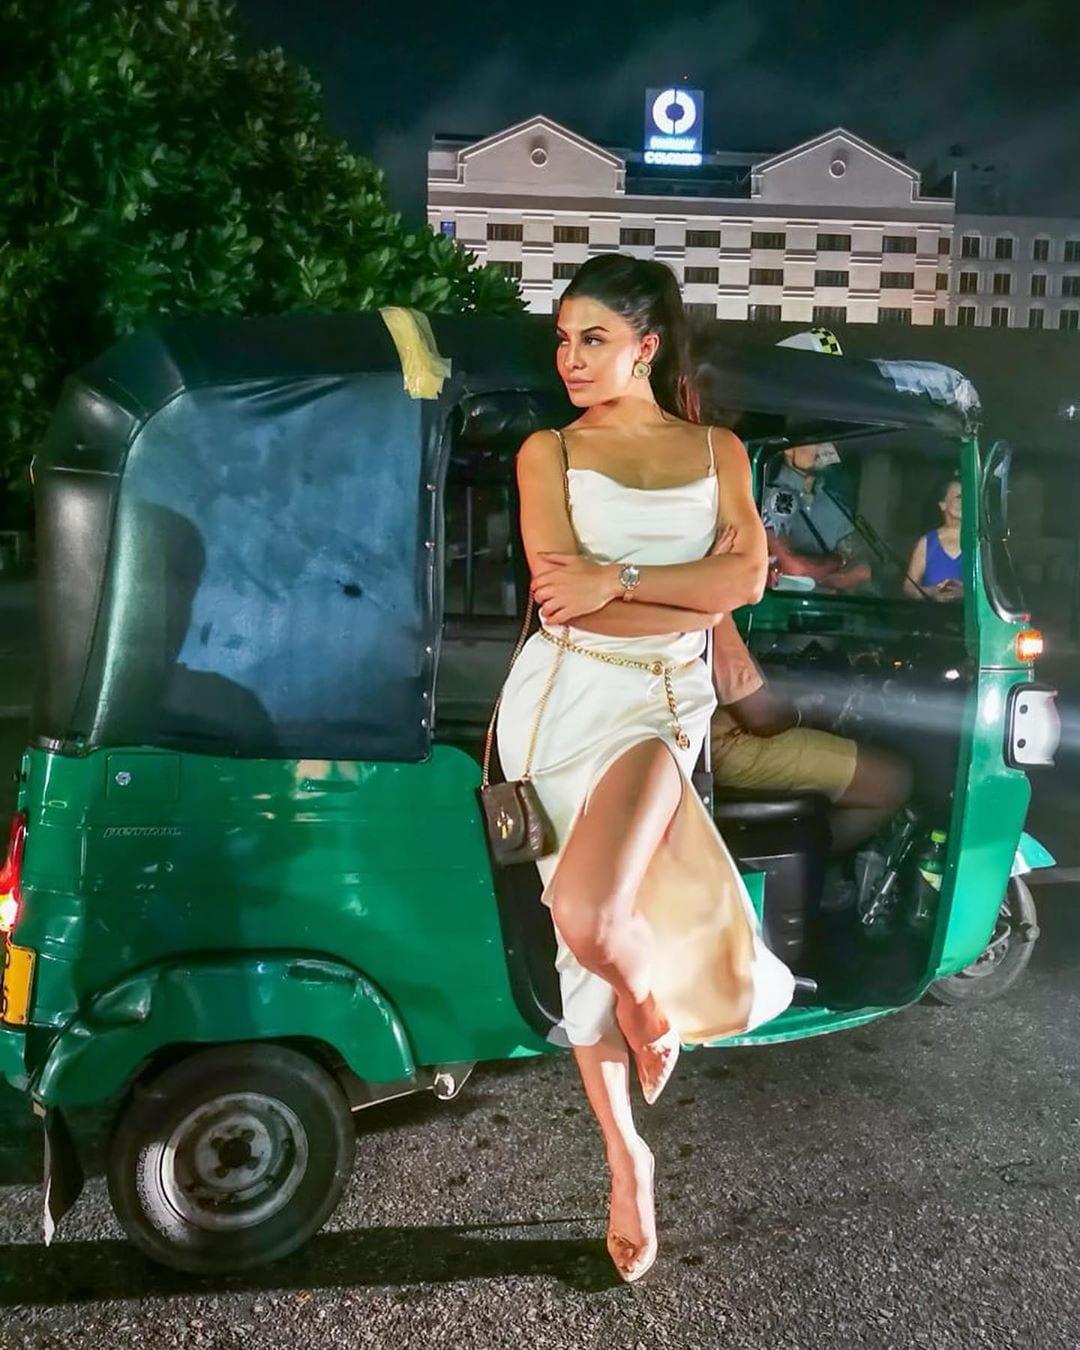 జాక్వెలిన్ ఫెర్నాండెజ్ హాట్ ఫోటోస్ Photo : Instagram.com/jacquelinef143